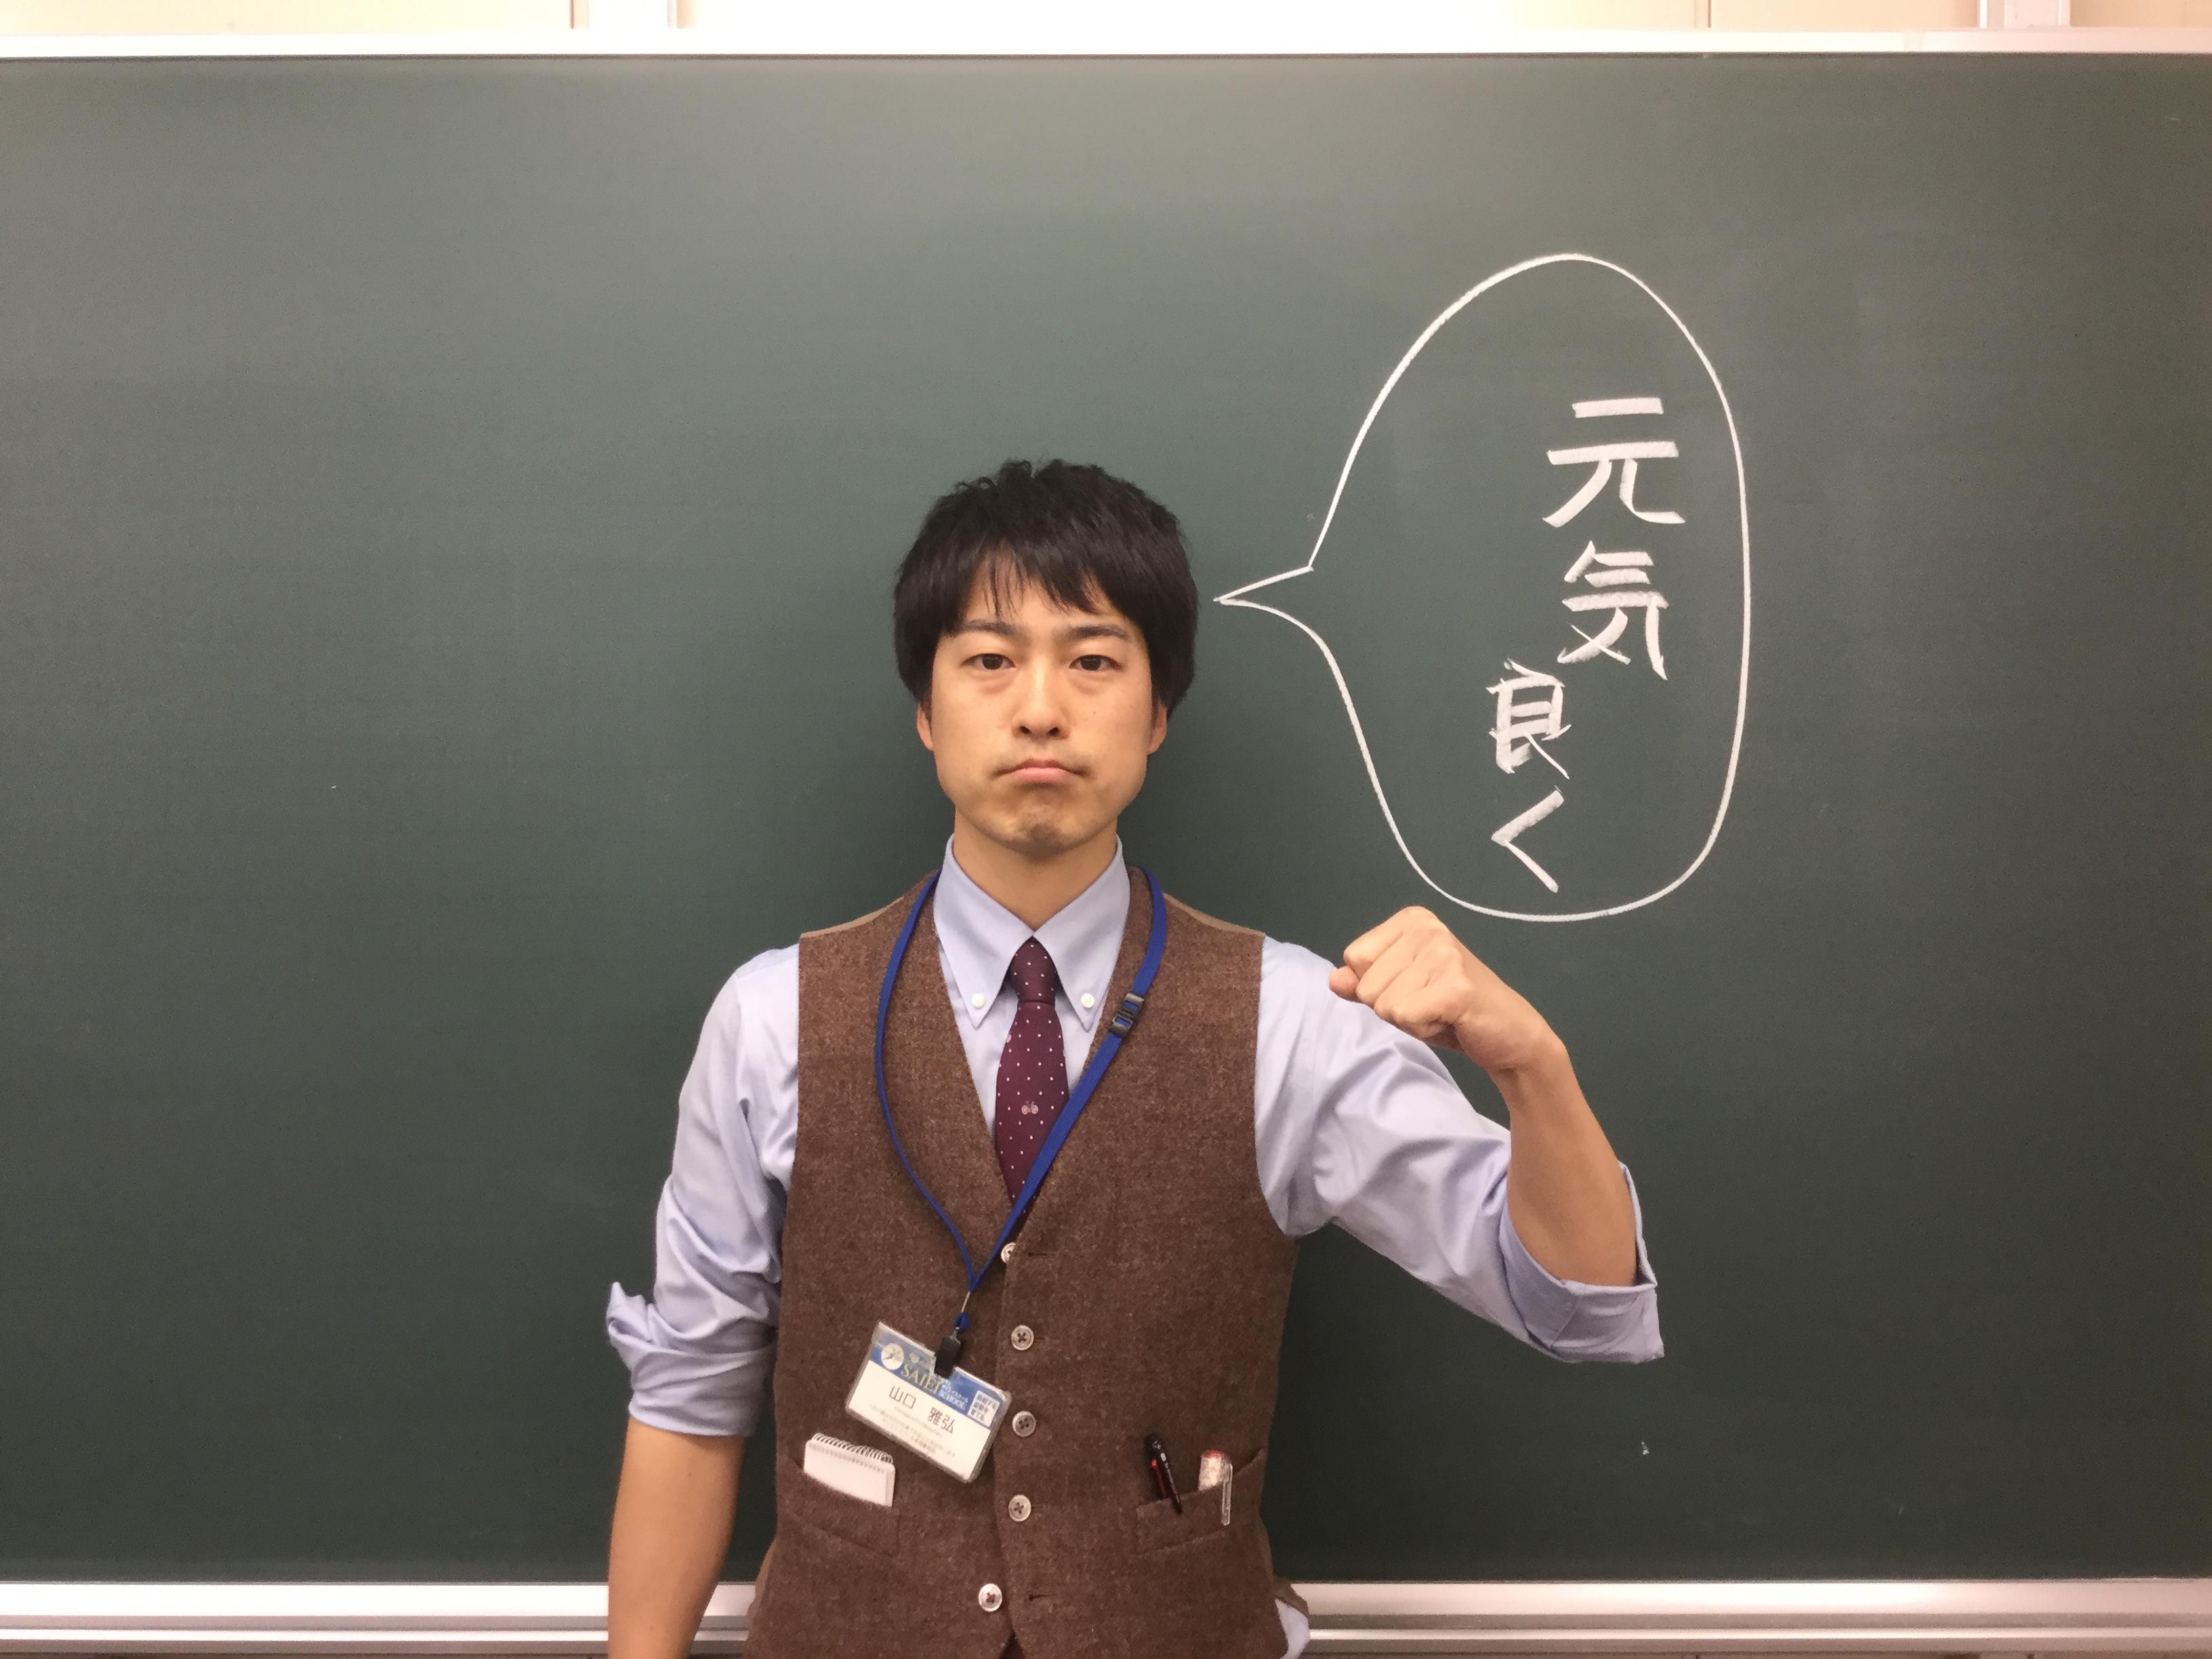 国語・社会科責任者 授業バトル優勝